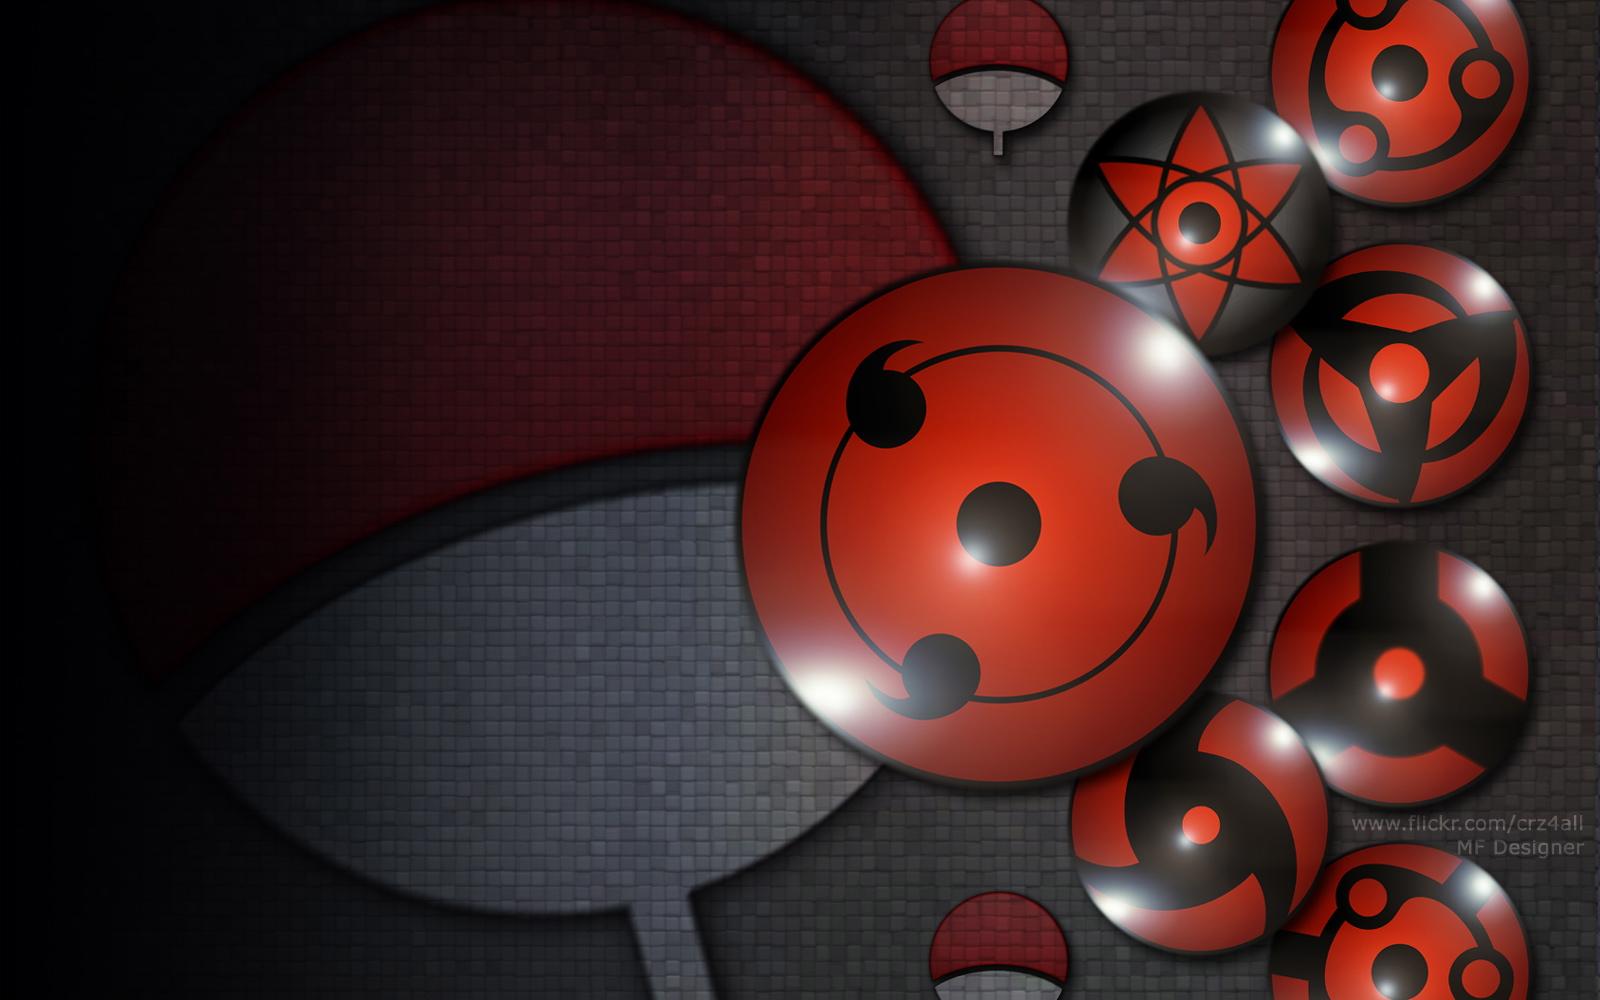 Kakashi sakura sasuke naruto wallpaper forwallpaper com html code - 0 Html Code Uchiha Sasuke Wallpaper 1600x1000 Uchiha Sasuke Uchiha Itachi